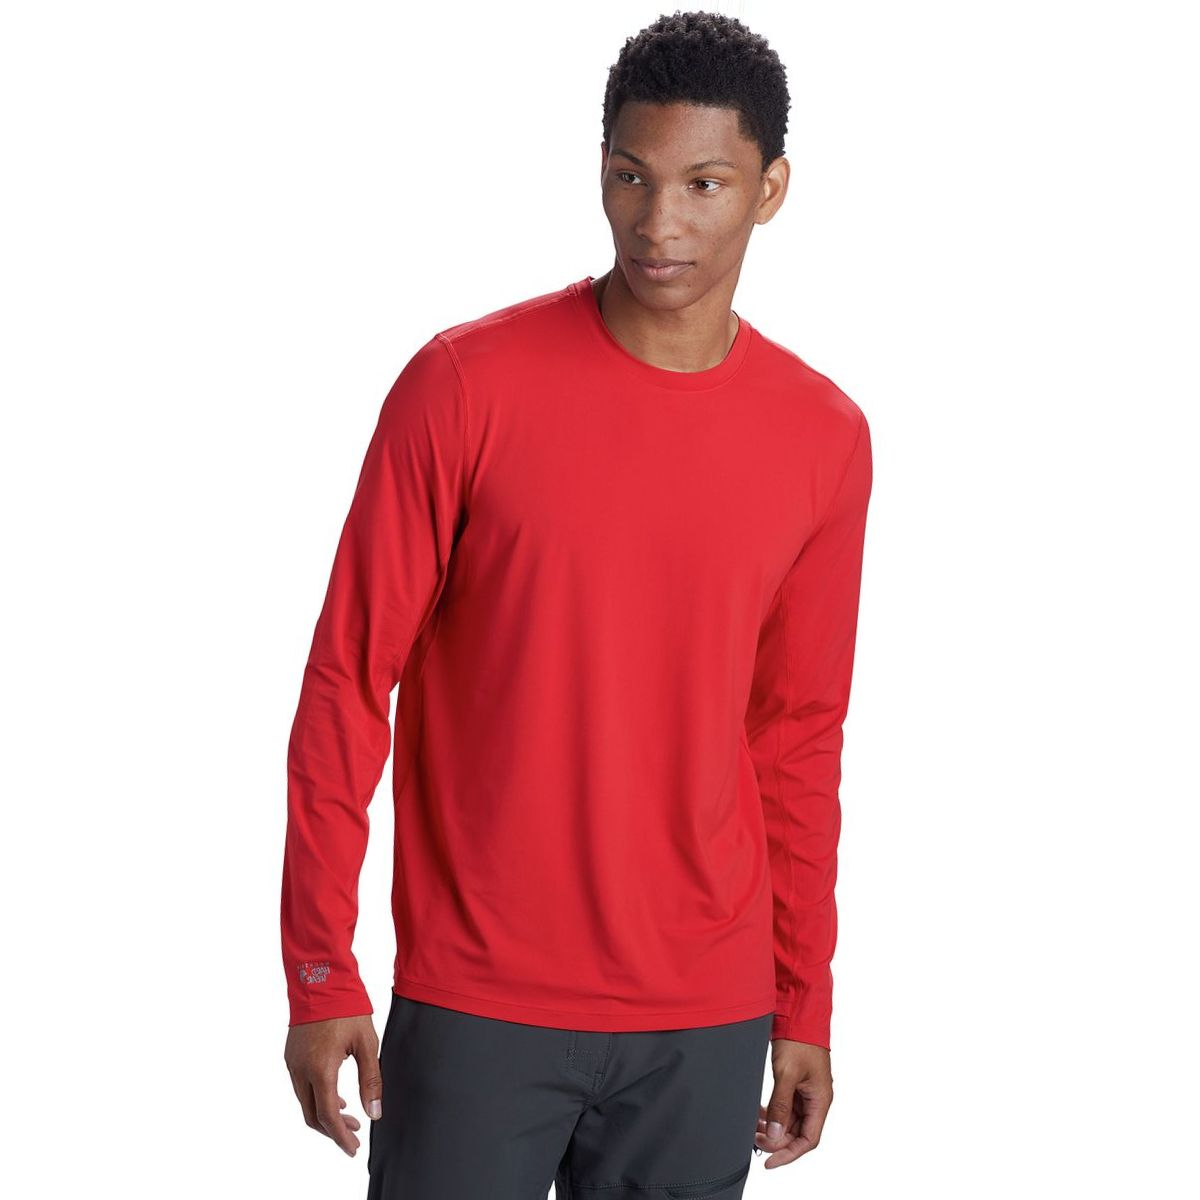 Mountain Hardwear Crater Lake Long-Sleeve T-Shirt - Men's